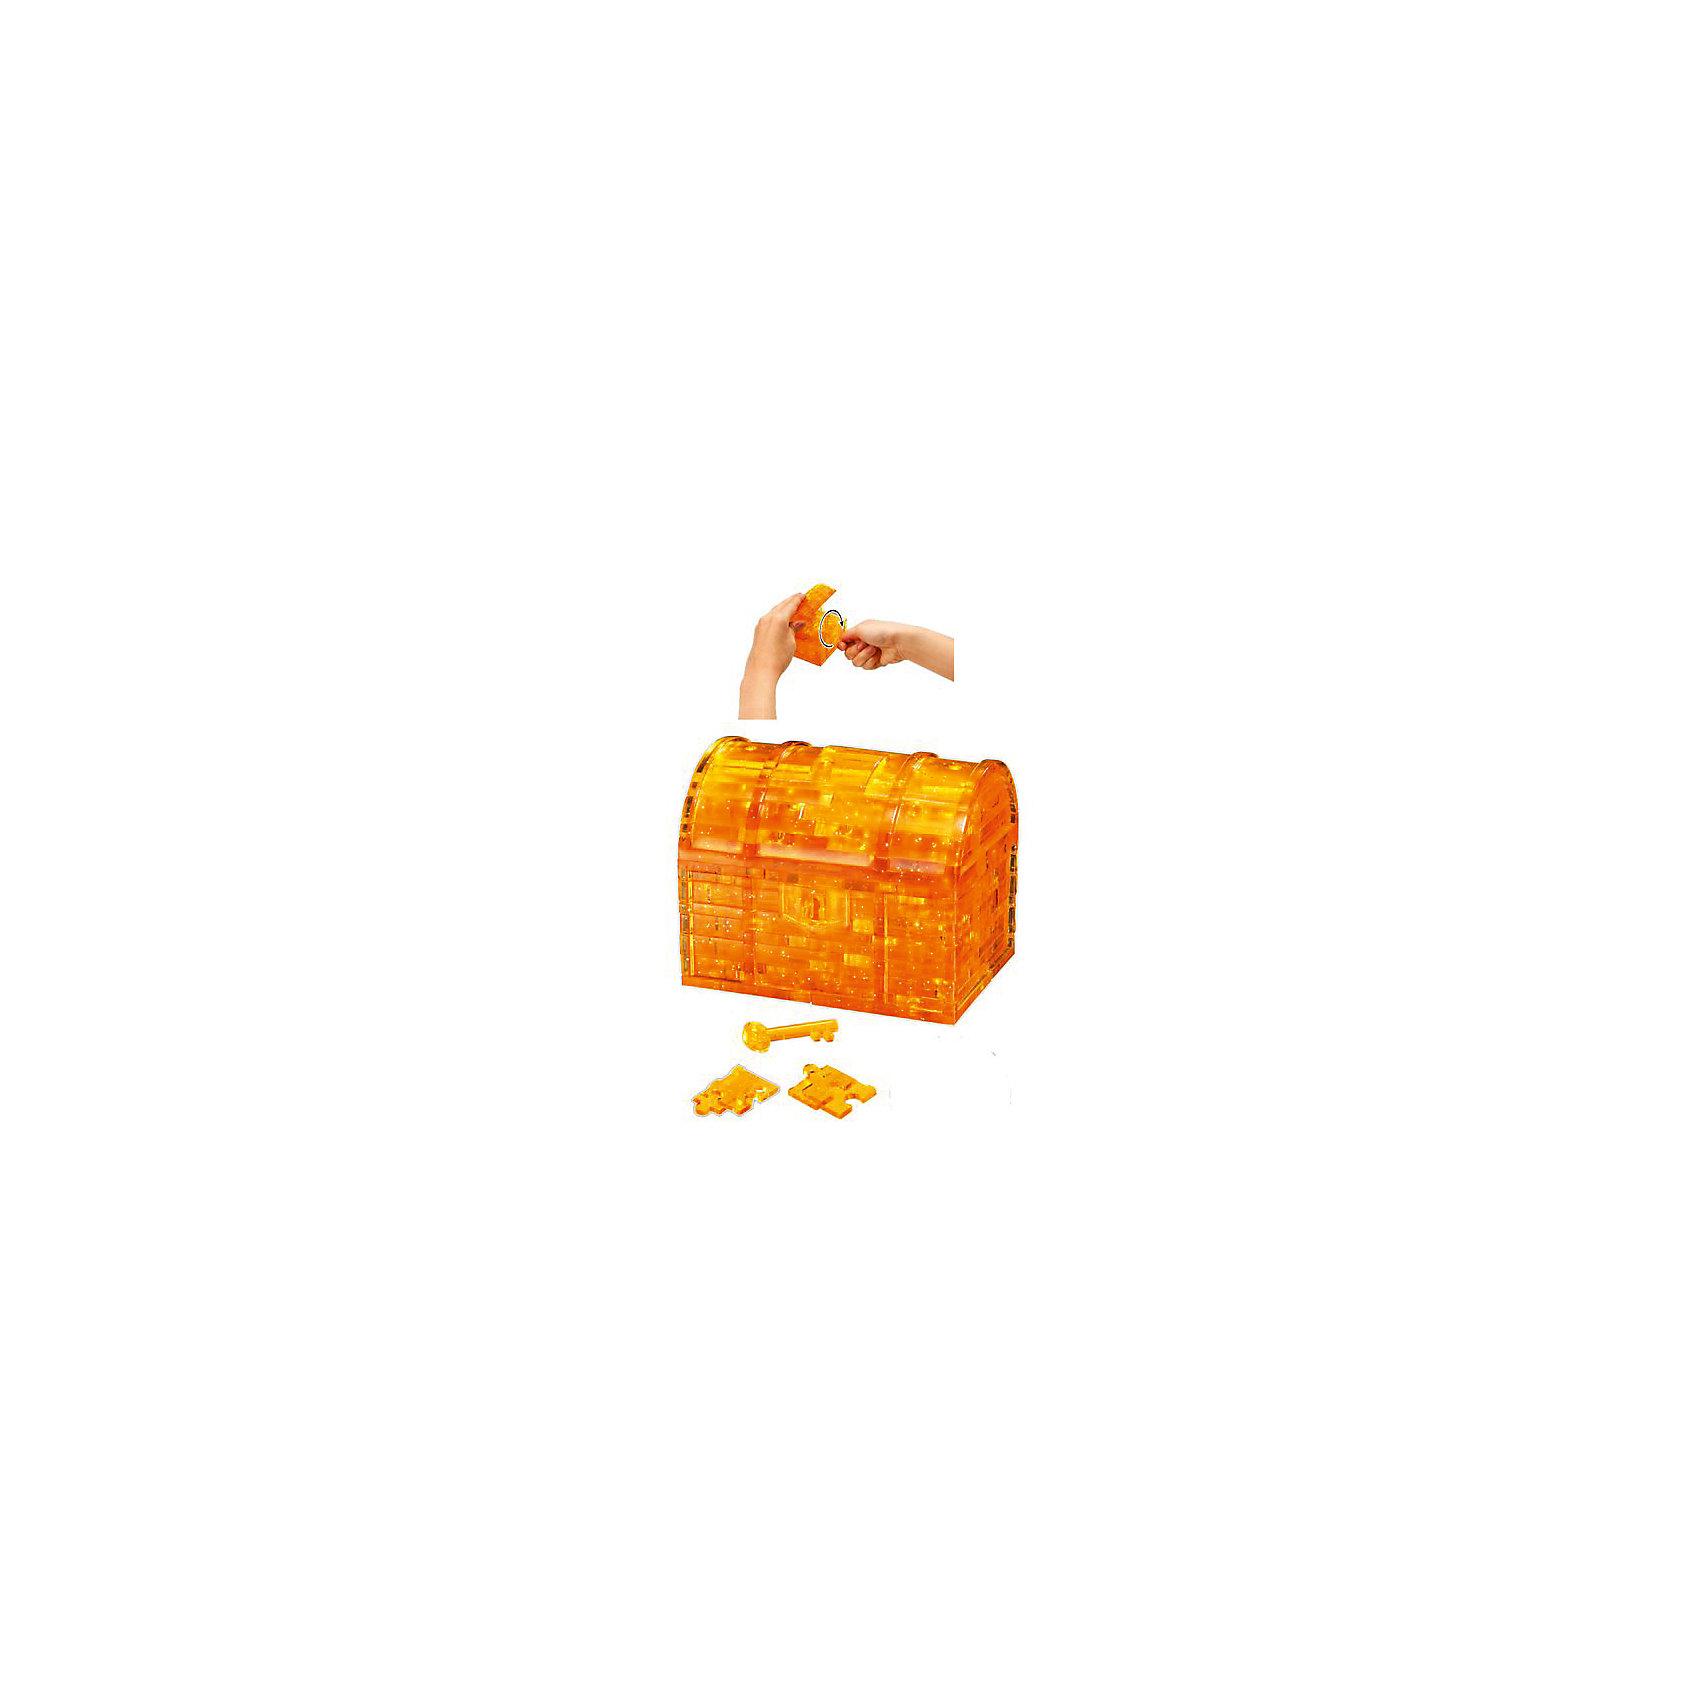 Кристаллический пазл 3D Сундук, Crystal PuzzleКристаллический пазл 3D Сундук, Crystal Puzzle (Кристал Пазл)<br><br>Характеристики:<br><br>• яркий объемный пазл<br>• размер готовой фигурки: 9 см<br>• количество деталей: 52<br>• высокая сложность<br>• размер упаковки: 5х14х10 см<br>• вес: 281 грамм<br>• материал: пластик<br><br>3D пазл от Crystal Puzzle - настоящая находка для юных искателей сокровищ! В набор входят 52 детали, собрав которые вы сделаете сверкающий сундучок пирата, закрывающий с помощью ключа. Готовая фигурка станет приятным украшением интерьера любой комнаты. Игра поможет развить пространственное мышление, логику, усидчивость и внимательность.<br><br>Кристаллический пазл 3D Сундук, Crystal Puzzle (Кристал Пазл) вы можете купить в нашем интернет-магазине.<br><br>Ширина мм: 100<br>Глубина мм: 140<br>Высота мм: 50<br>Вес г: 281<br>Возраст от месяцев: 120<br>Возраст до месяцев: 2147483647<br>Пол: Унисекс<br>Возраст: Детский<br>SKU: 5397248